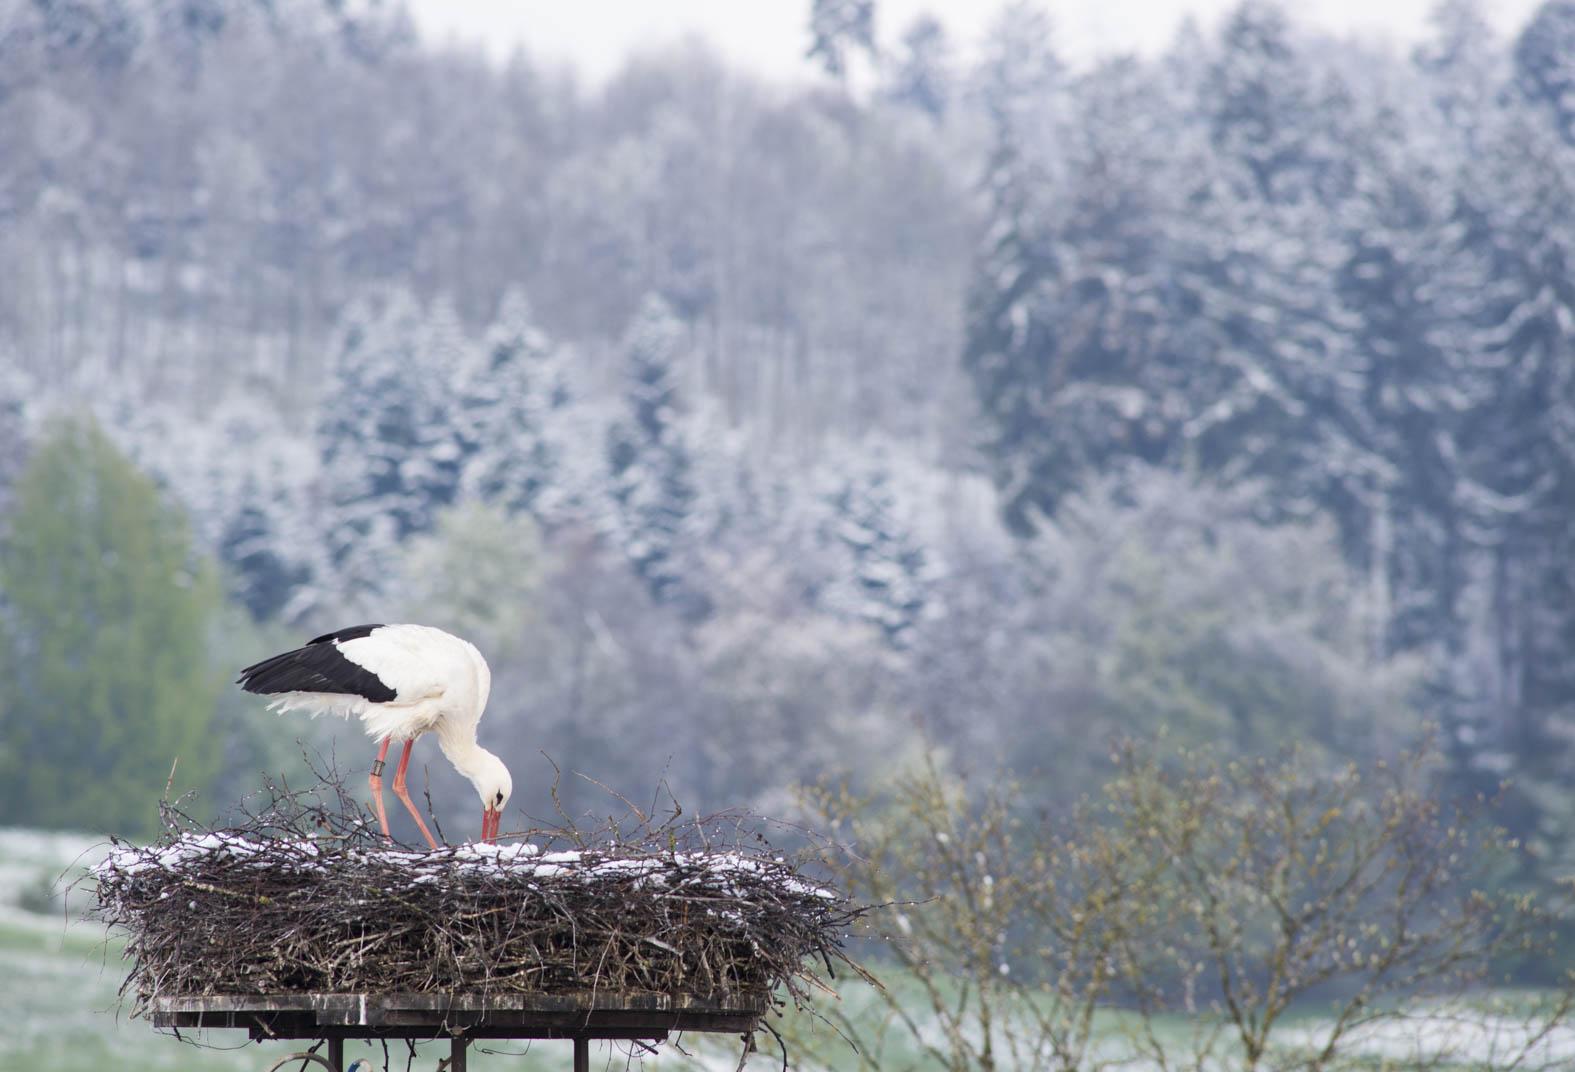 Storch bruetet im Schnee